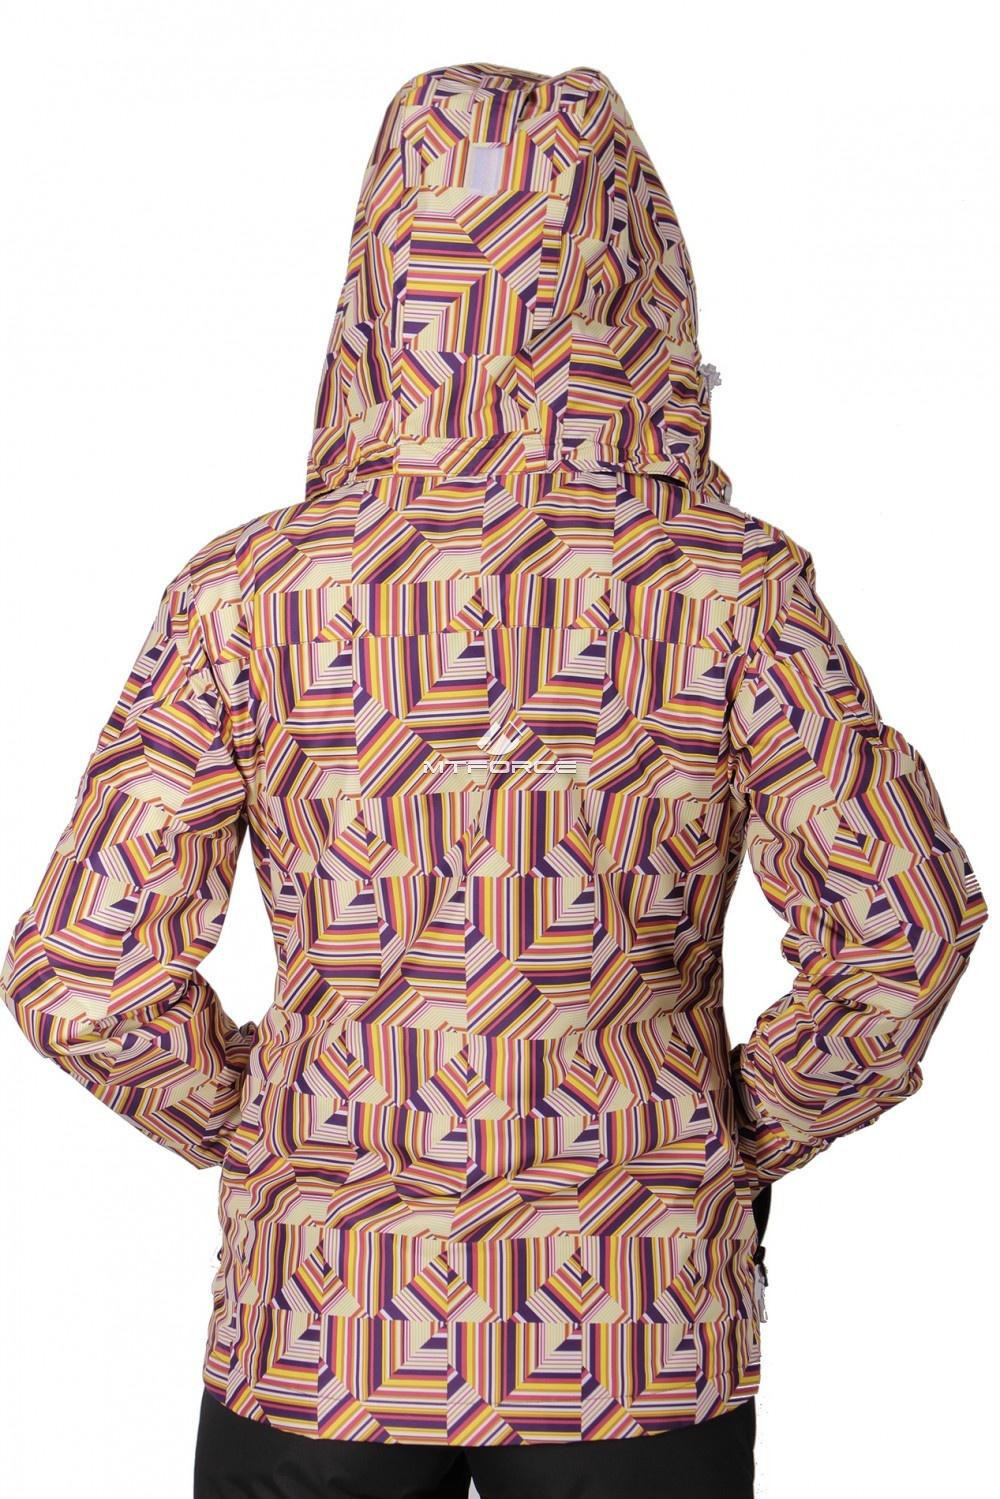 Купить оптом Куртка спортивная женская осень весна желтого цвета 1722J в Ростове-на-Дону